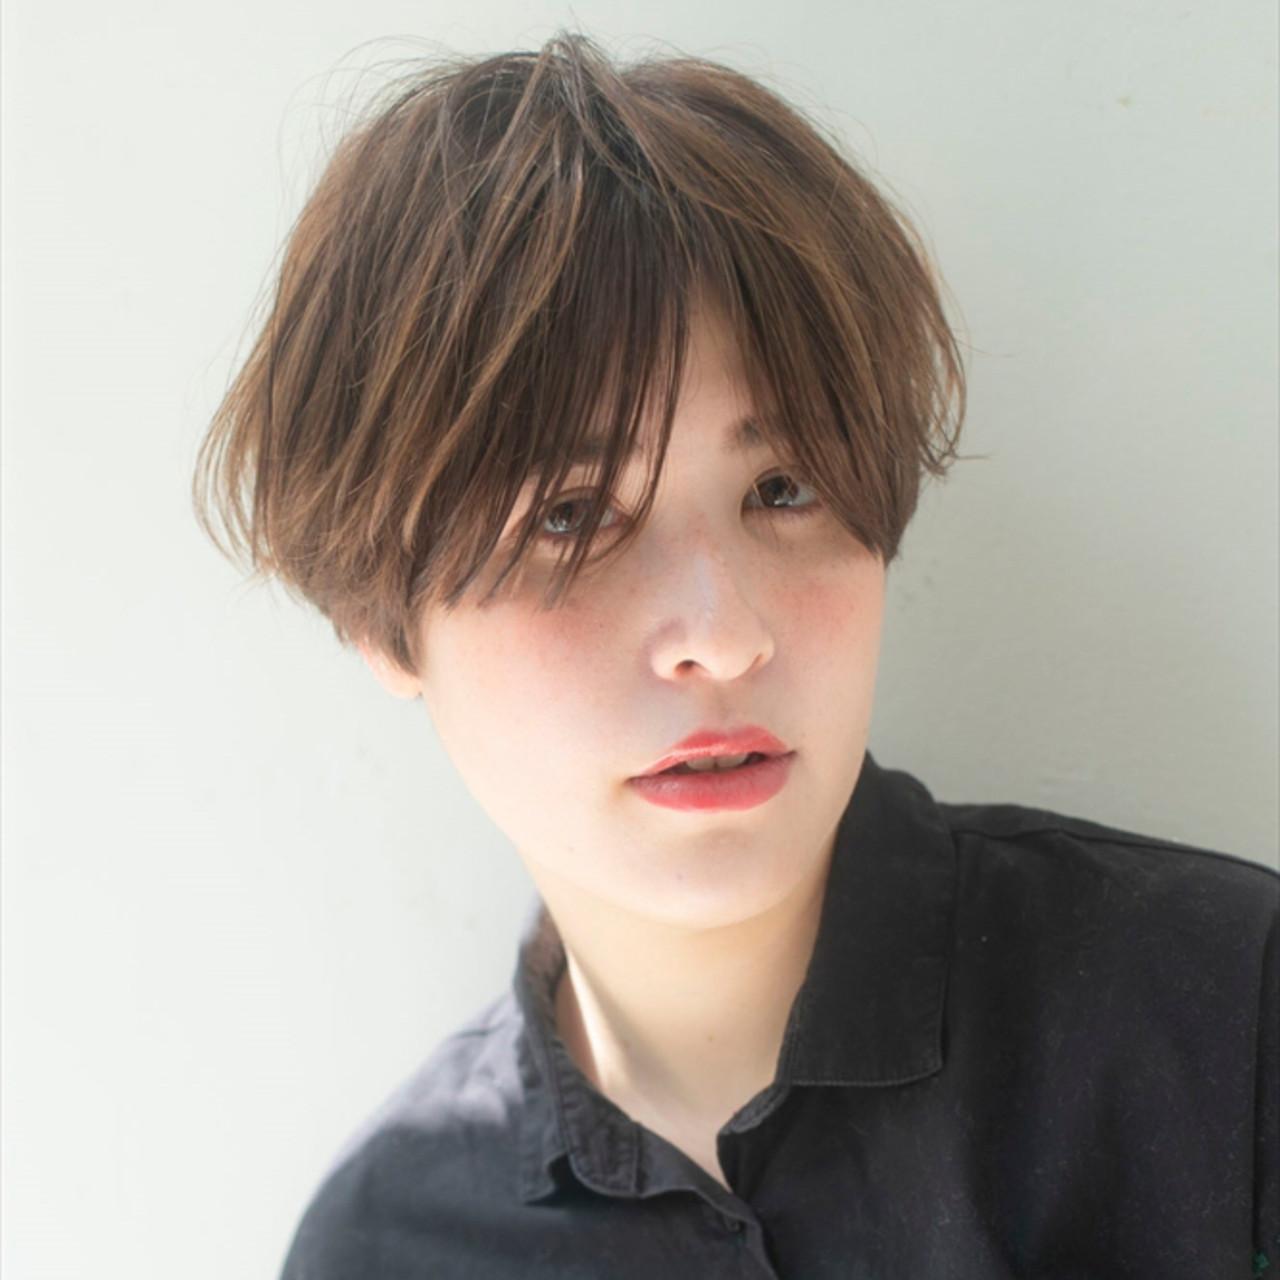 マッシュショート ショートヘア ナチュラル ハンサムショート ヘアスタイルや髪型の写真・画像 | 岩舘 司 / Agu hair